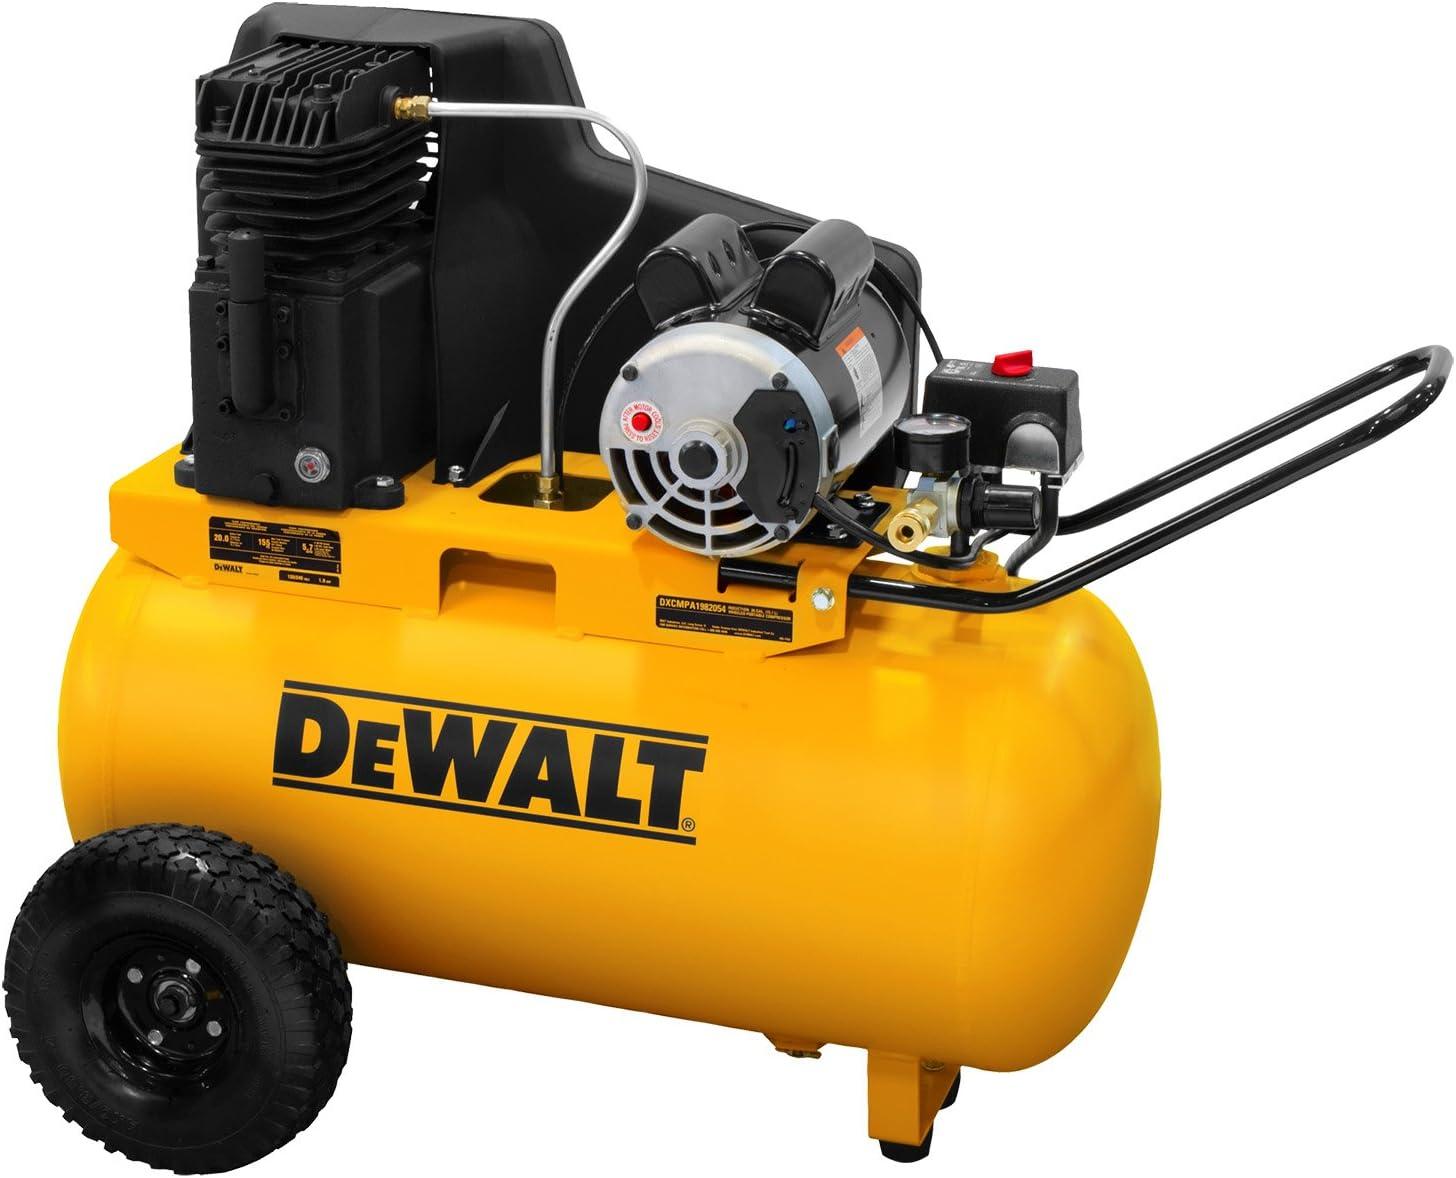 DEWALT DXCMPA1982054 Air Compressor: Quietest Pick for 20-Gallon